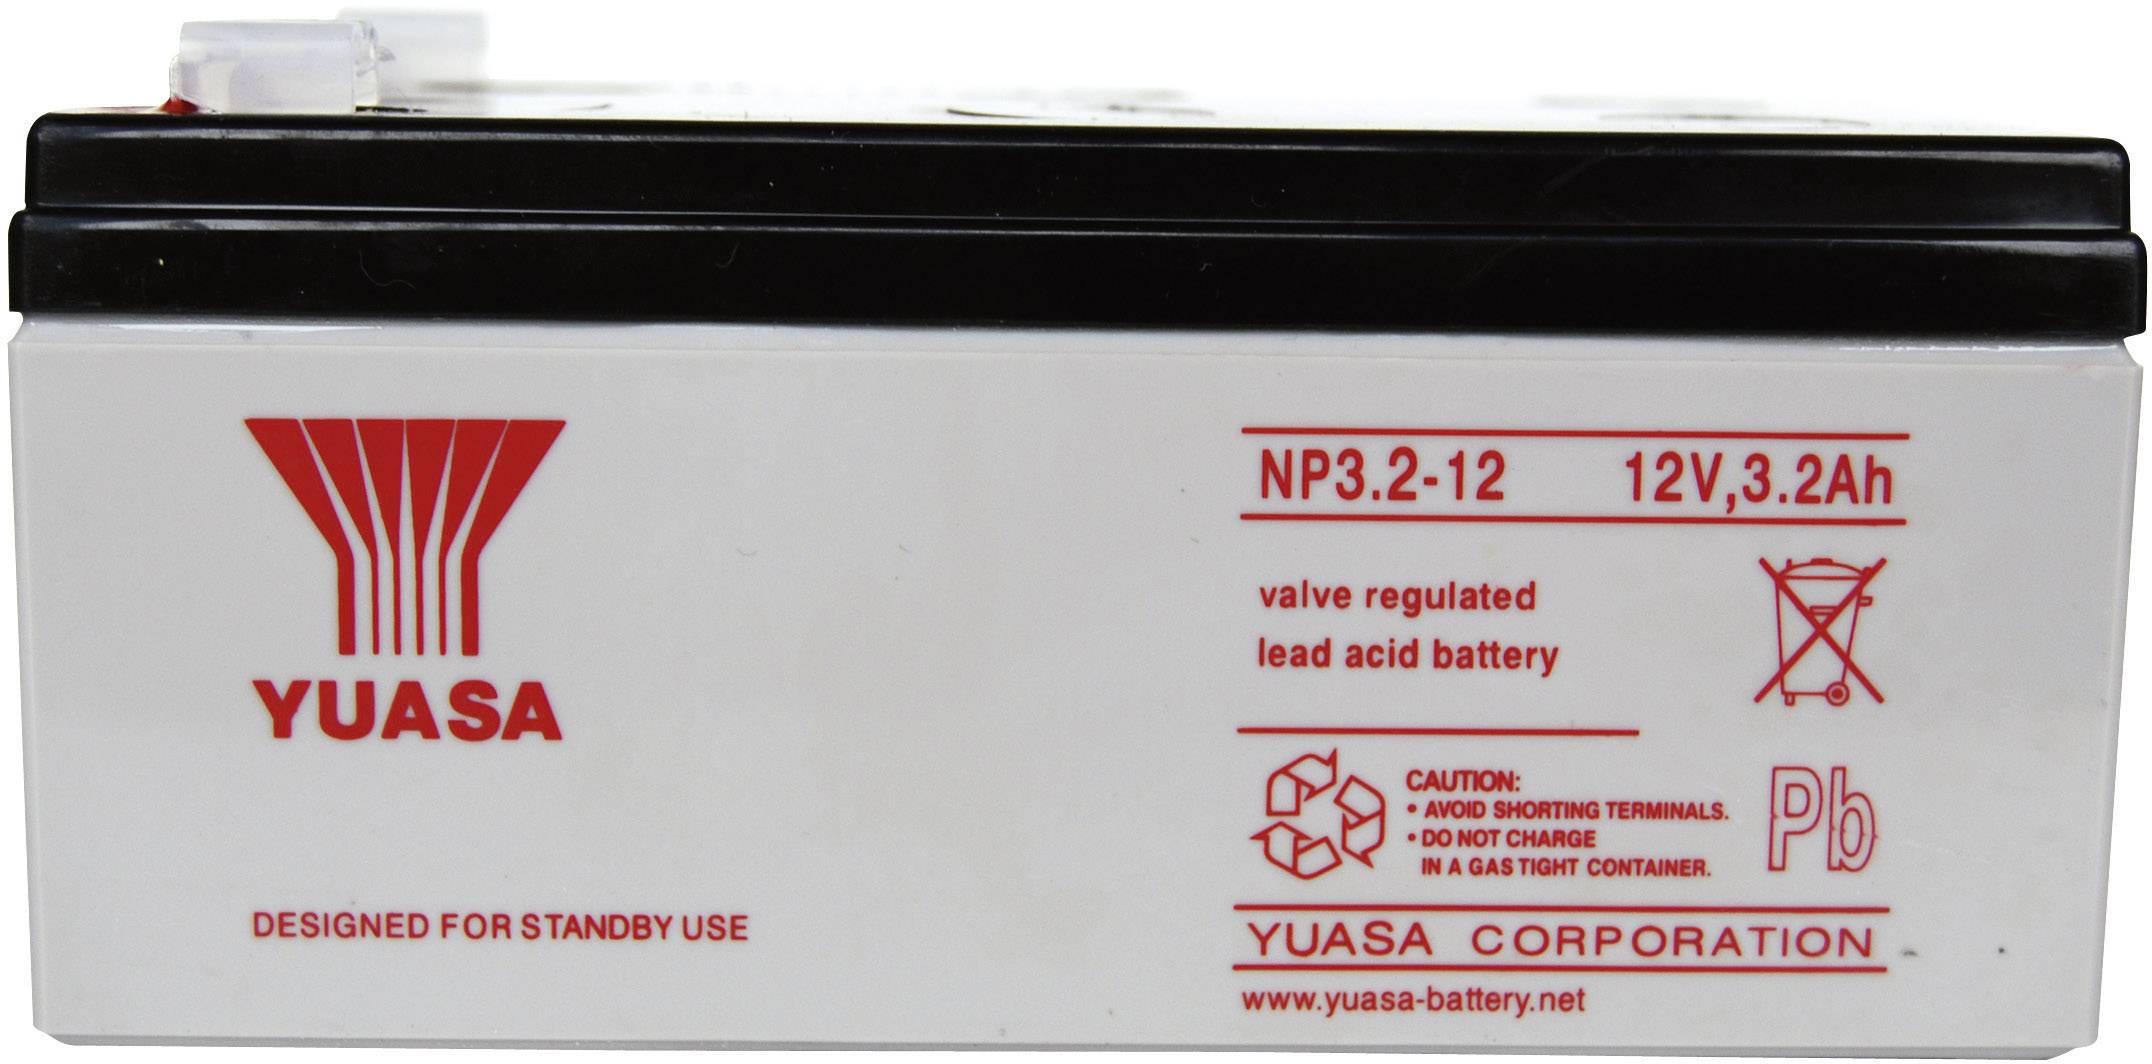 Olovený akumulátor Yuasa NP3.2-12 YUANP3.2/12RP, 3.2 Ah, 12 V